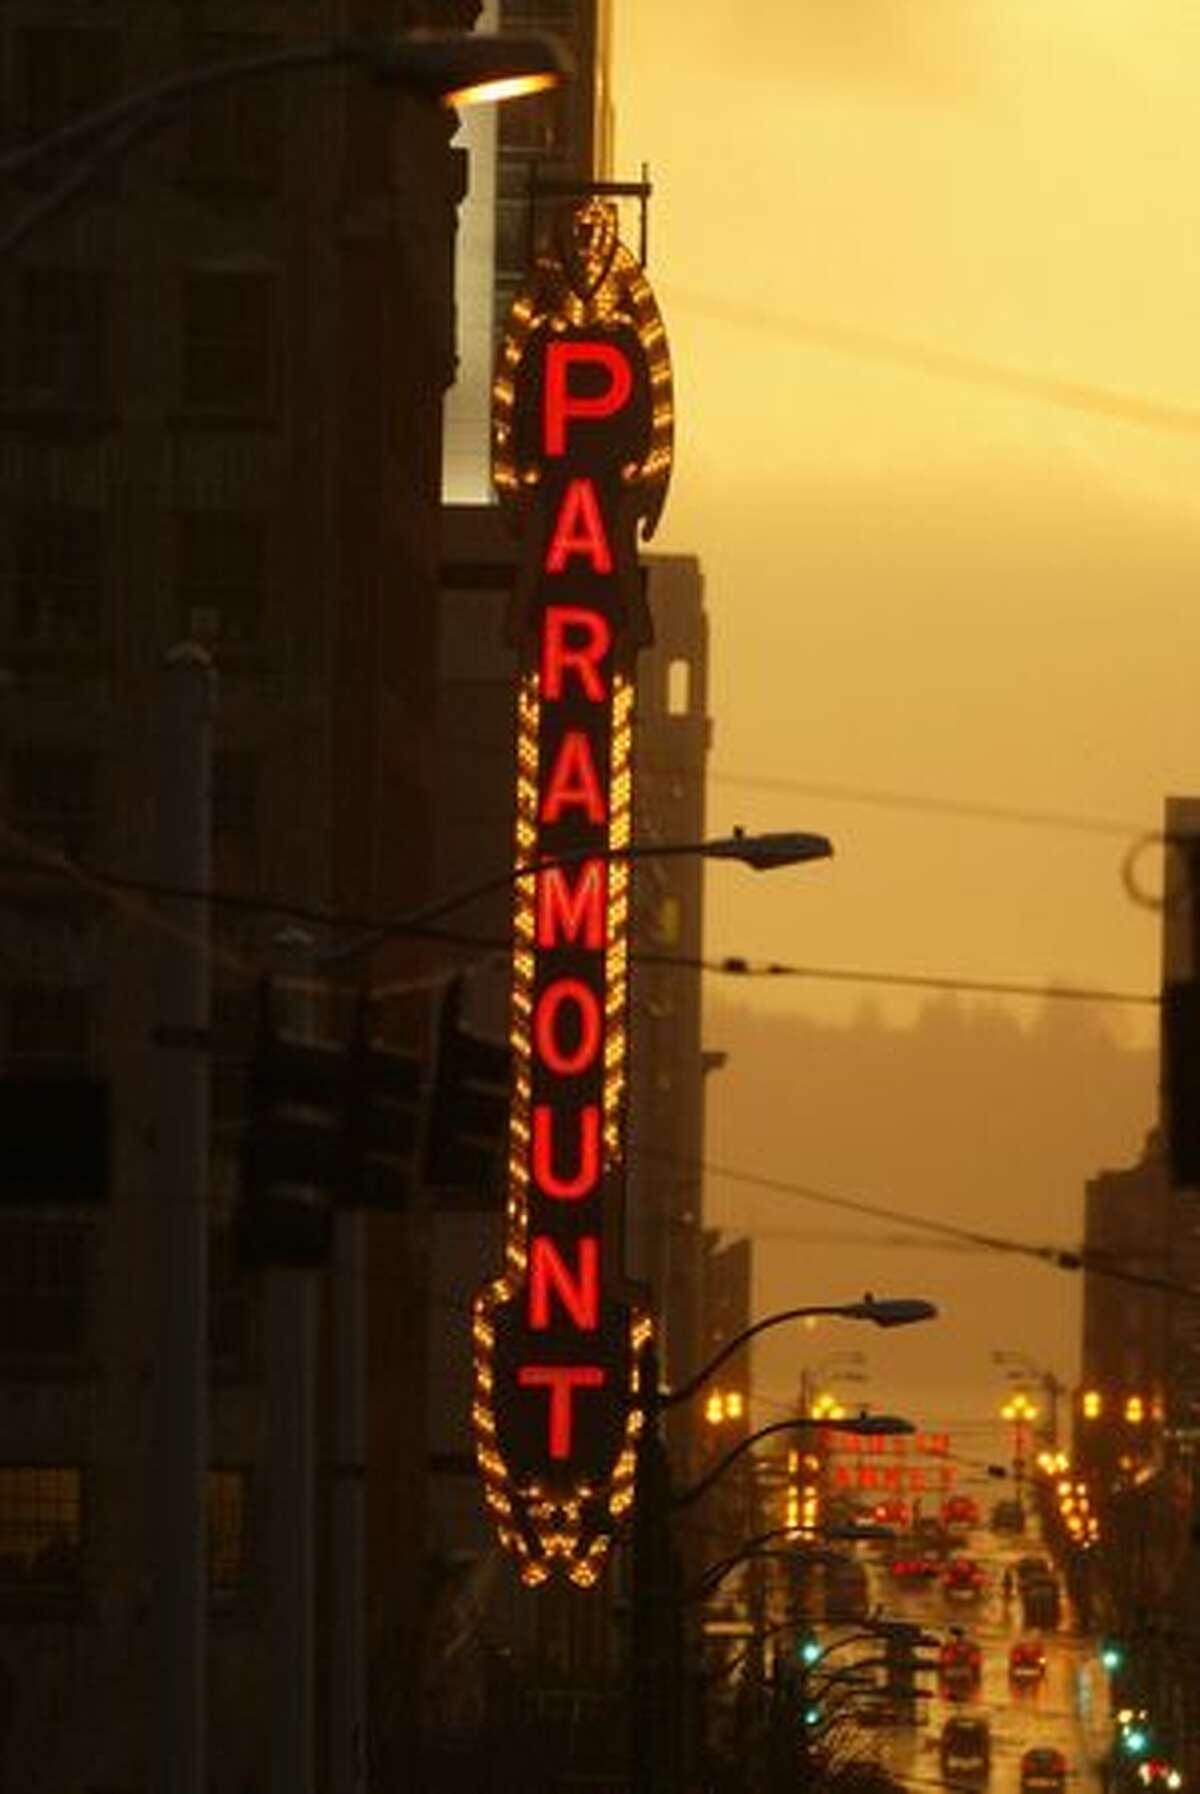 Paramount Theater on Pine St.